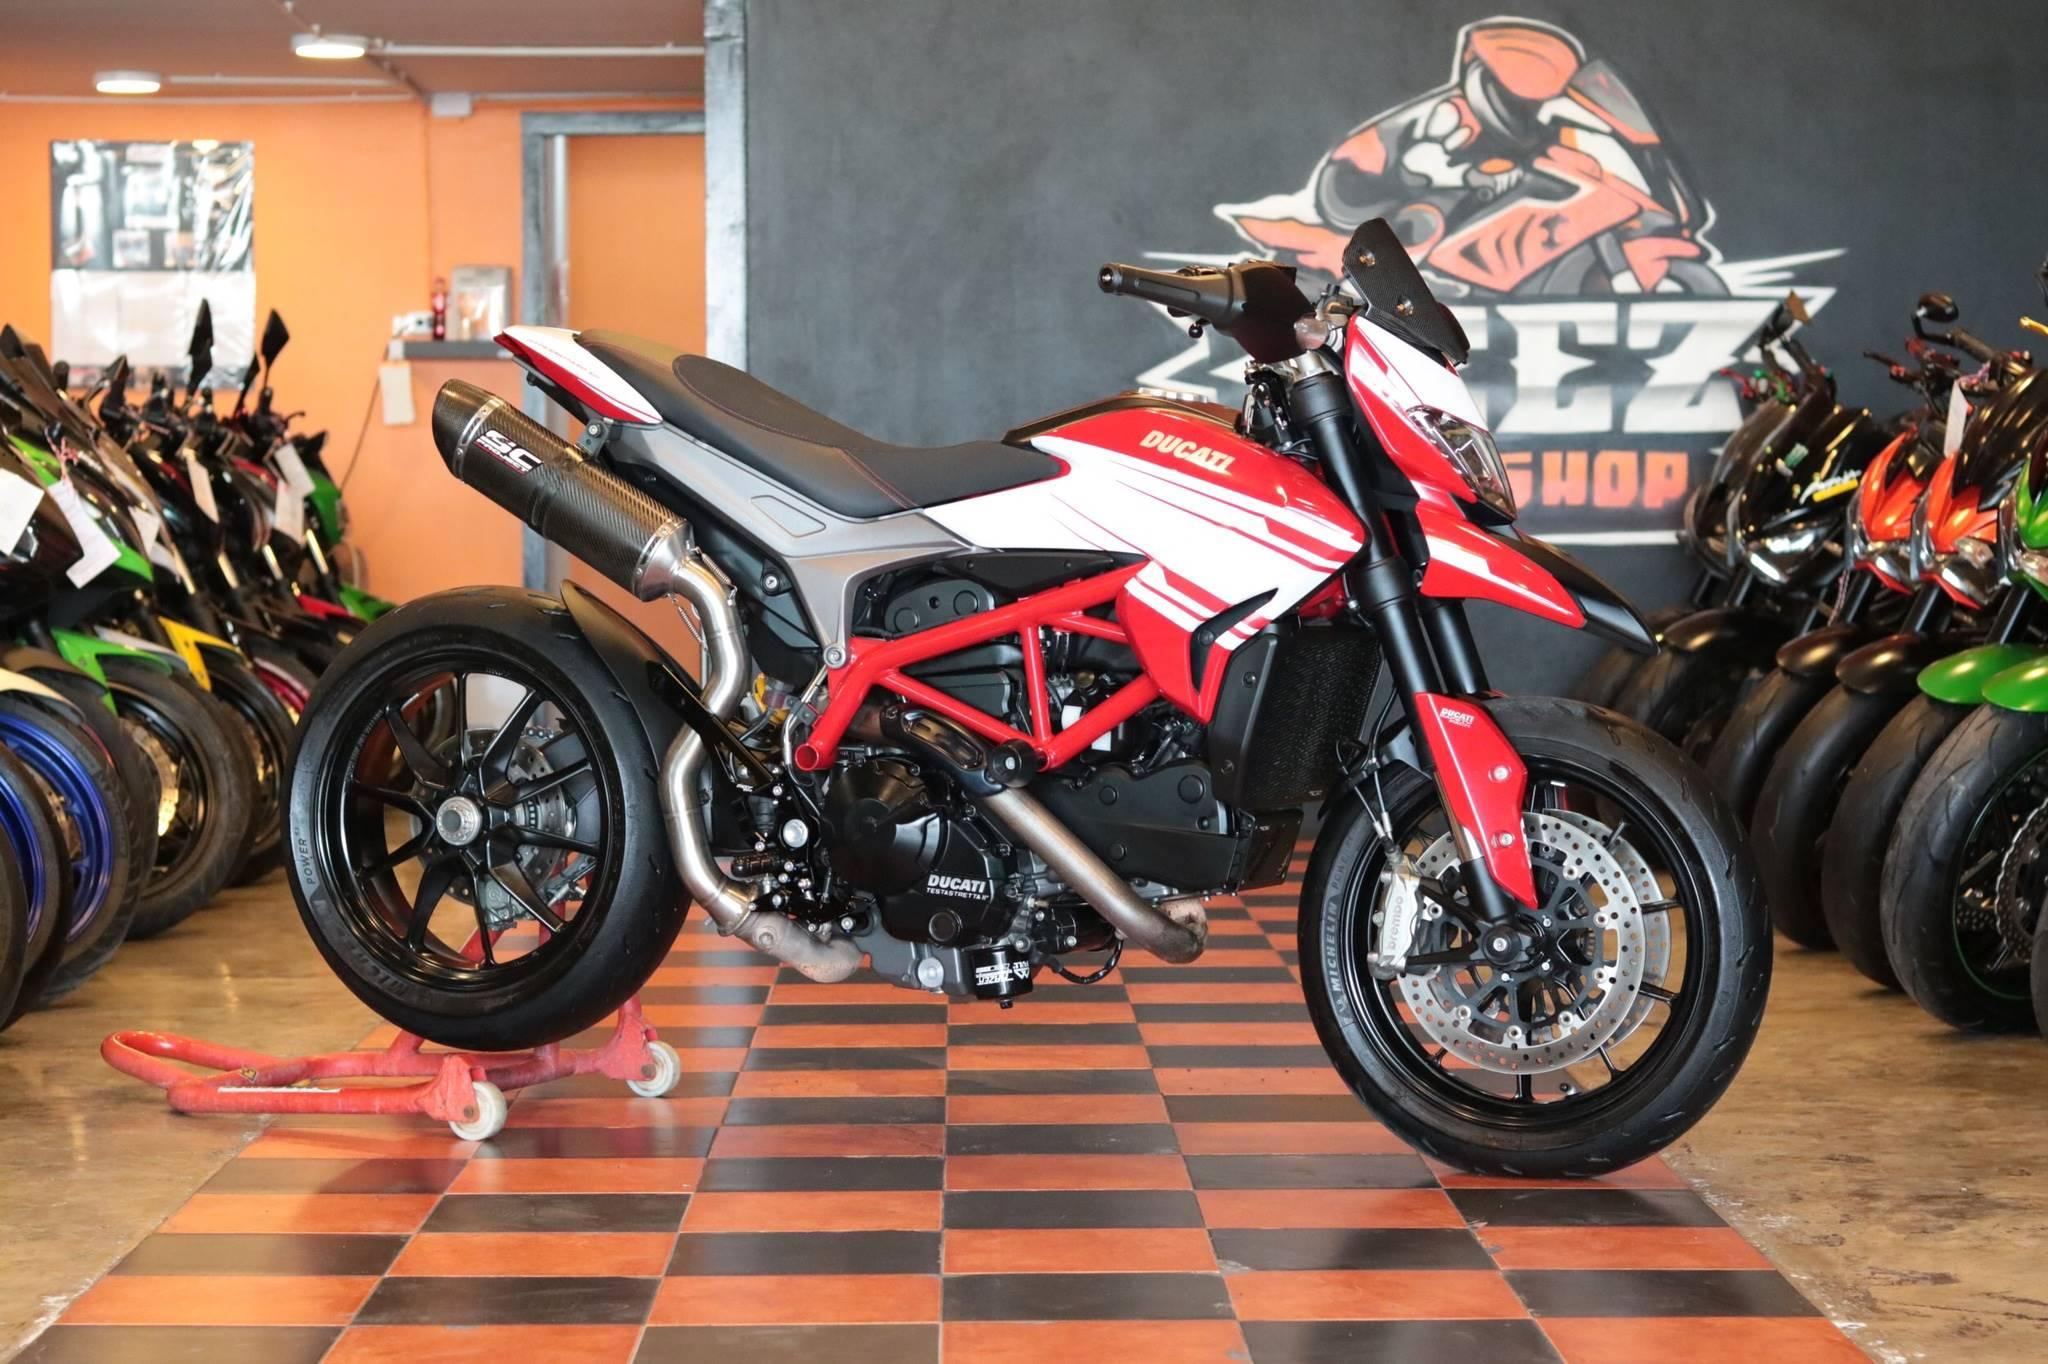 Ducati Hypermotard 821 ABS ปี 2016